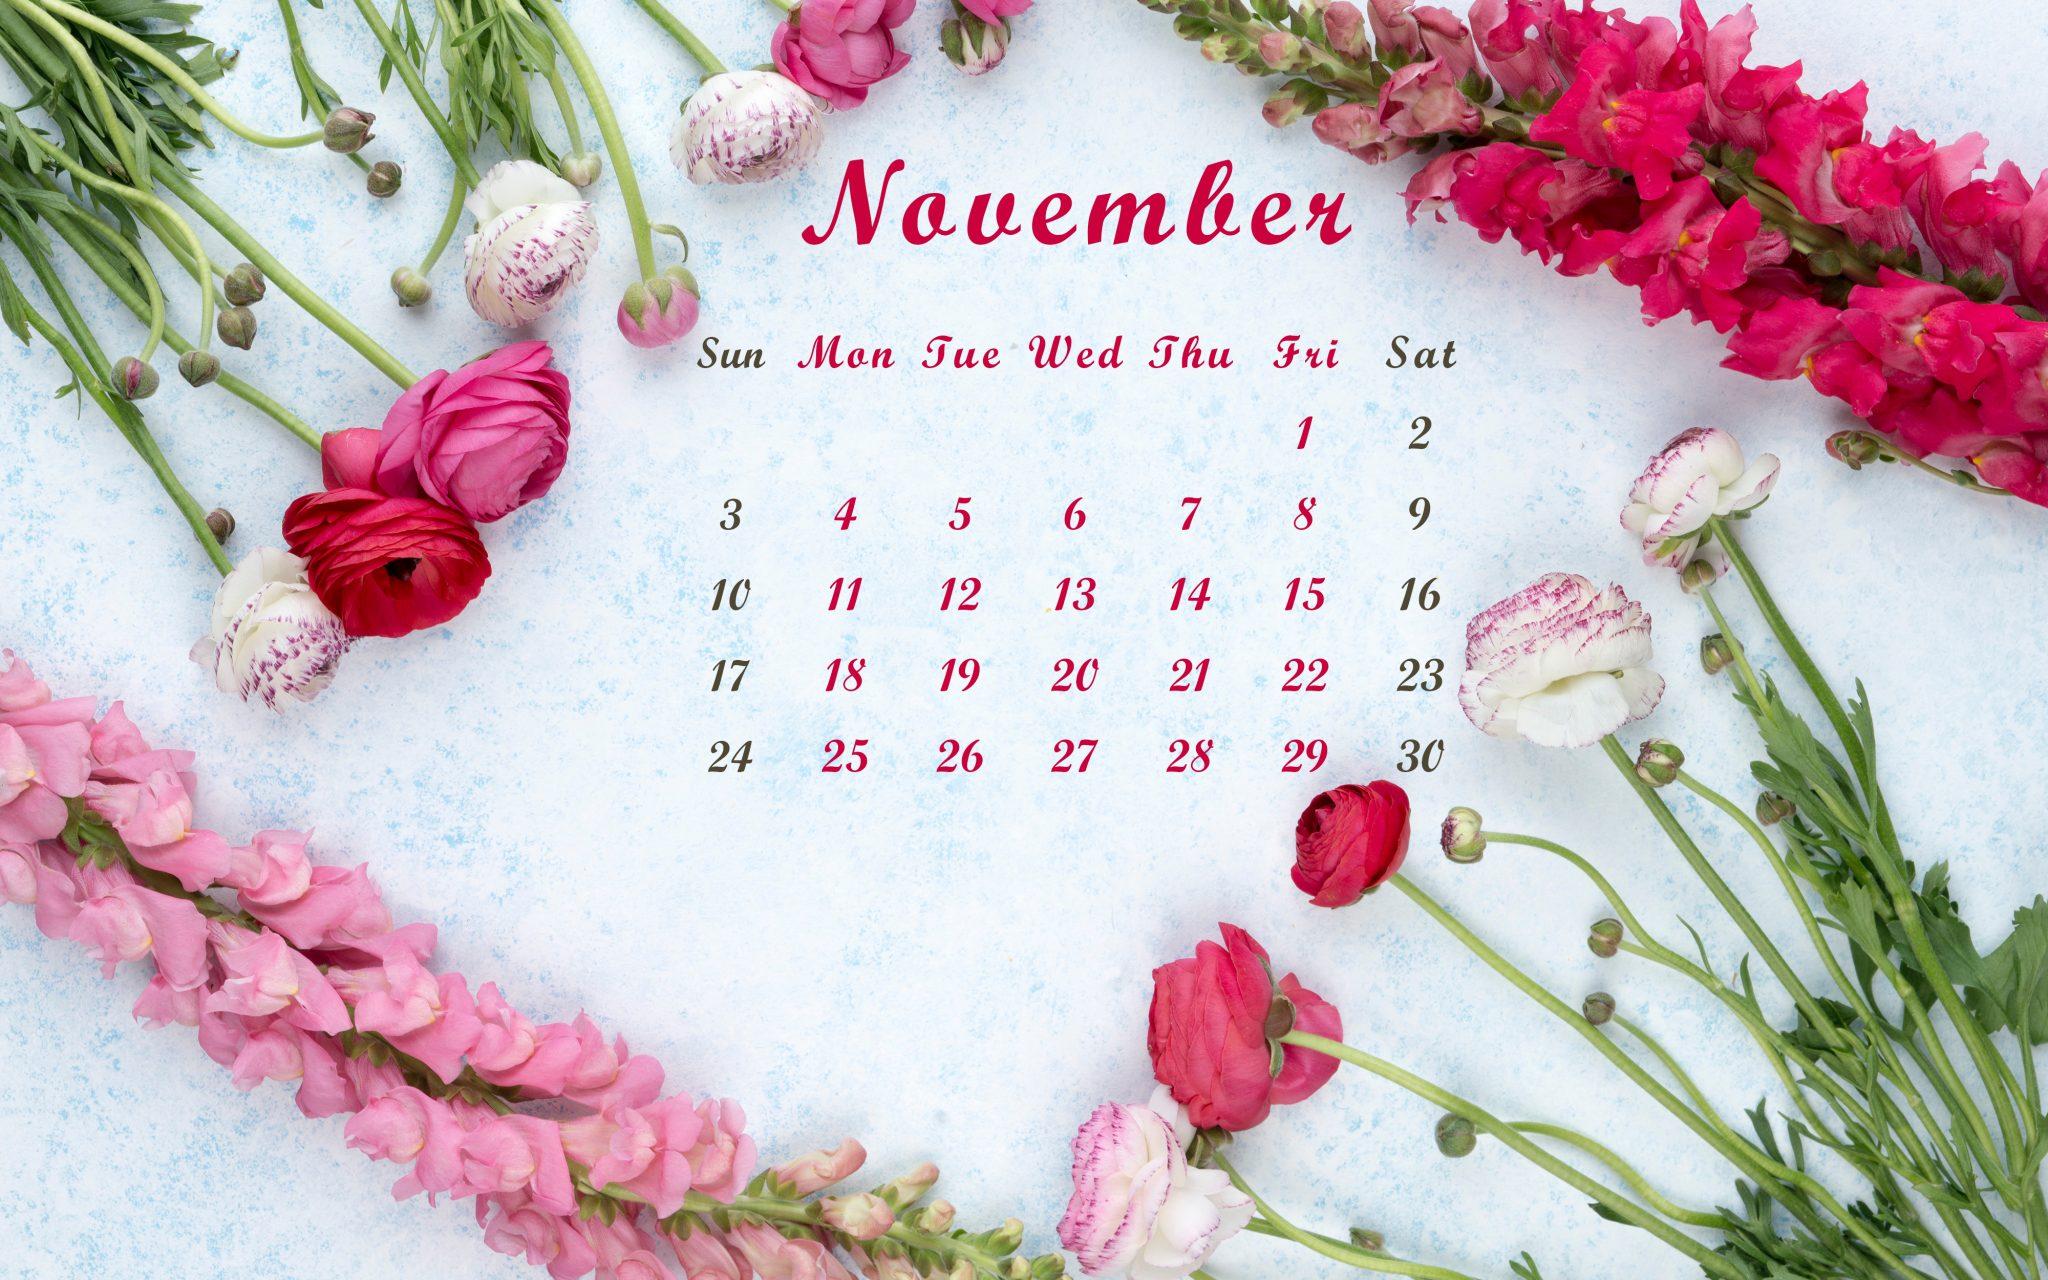 November 2019 Wallpaper Background